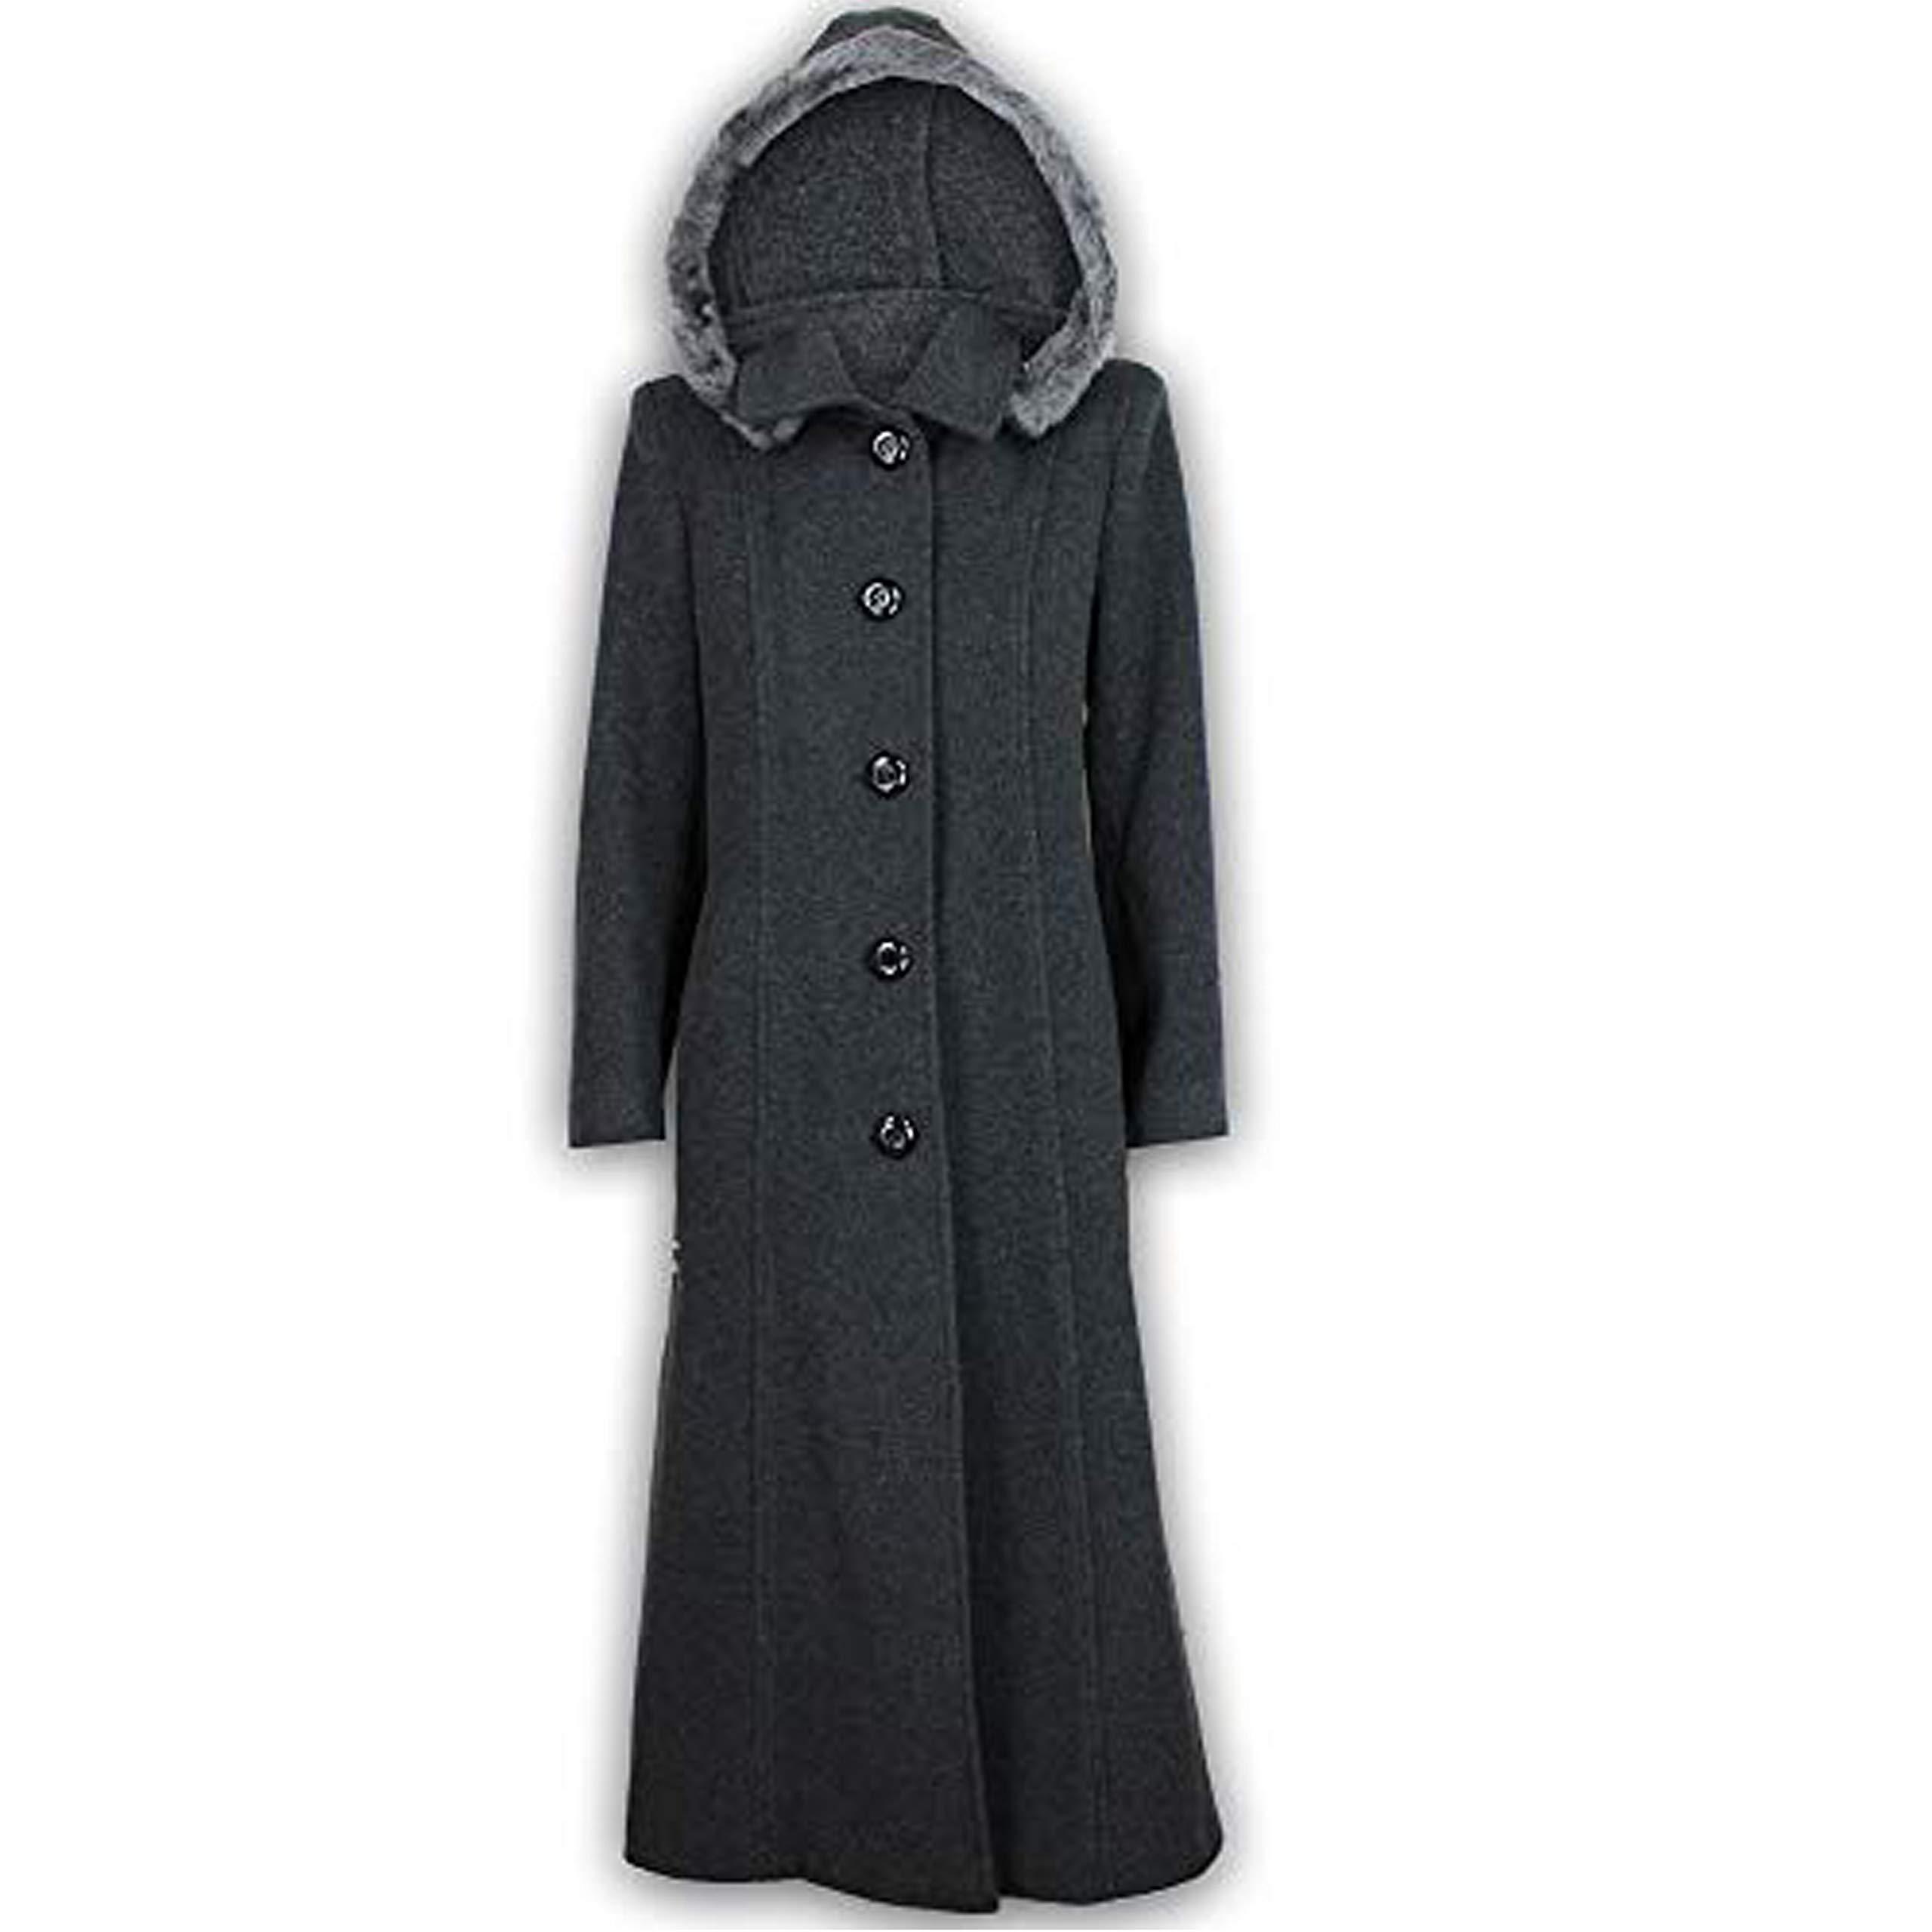 c71ded745ff50 Manteau Femme en Mélange de Laine Cashmere avec Capuche Bordé de Fausse Fourrure  Manteau Long Chaud Mode et Neuf